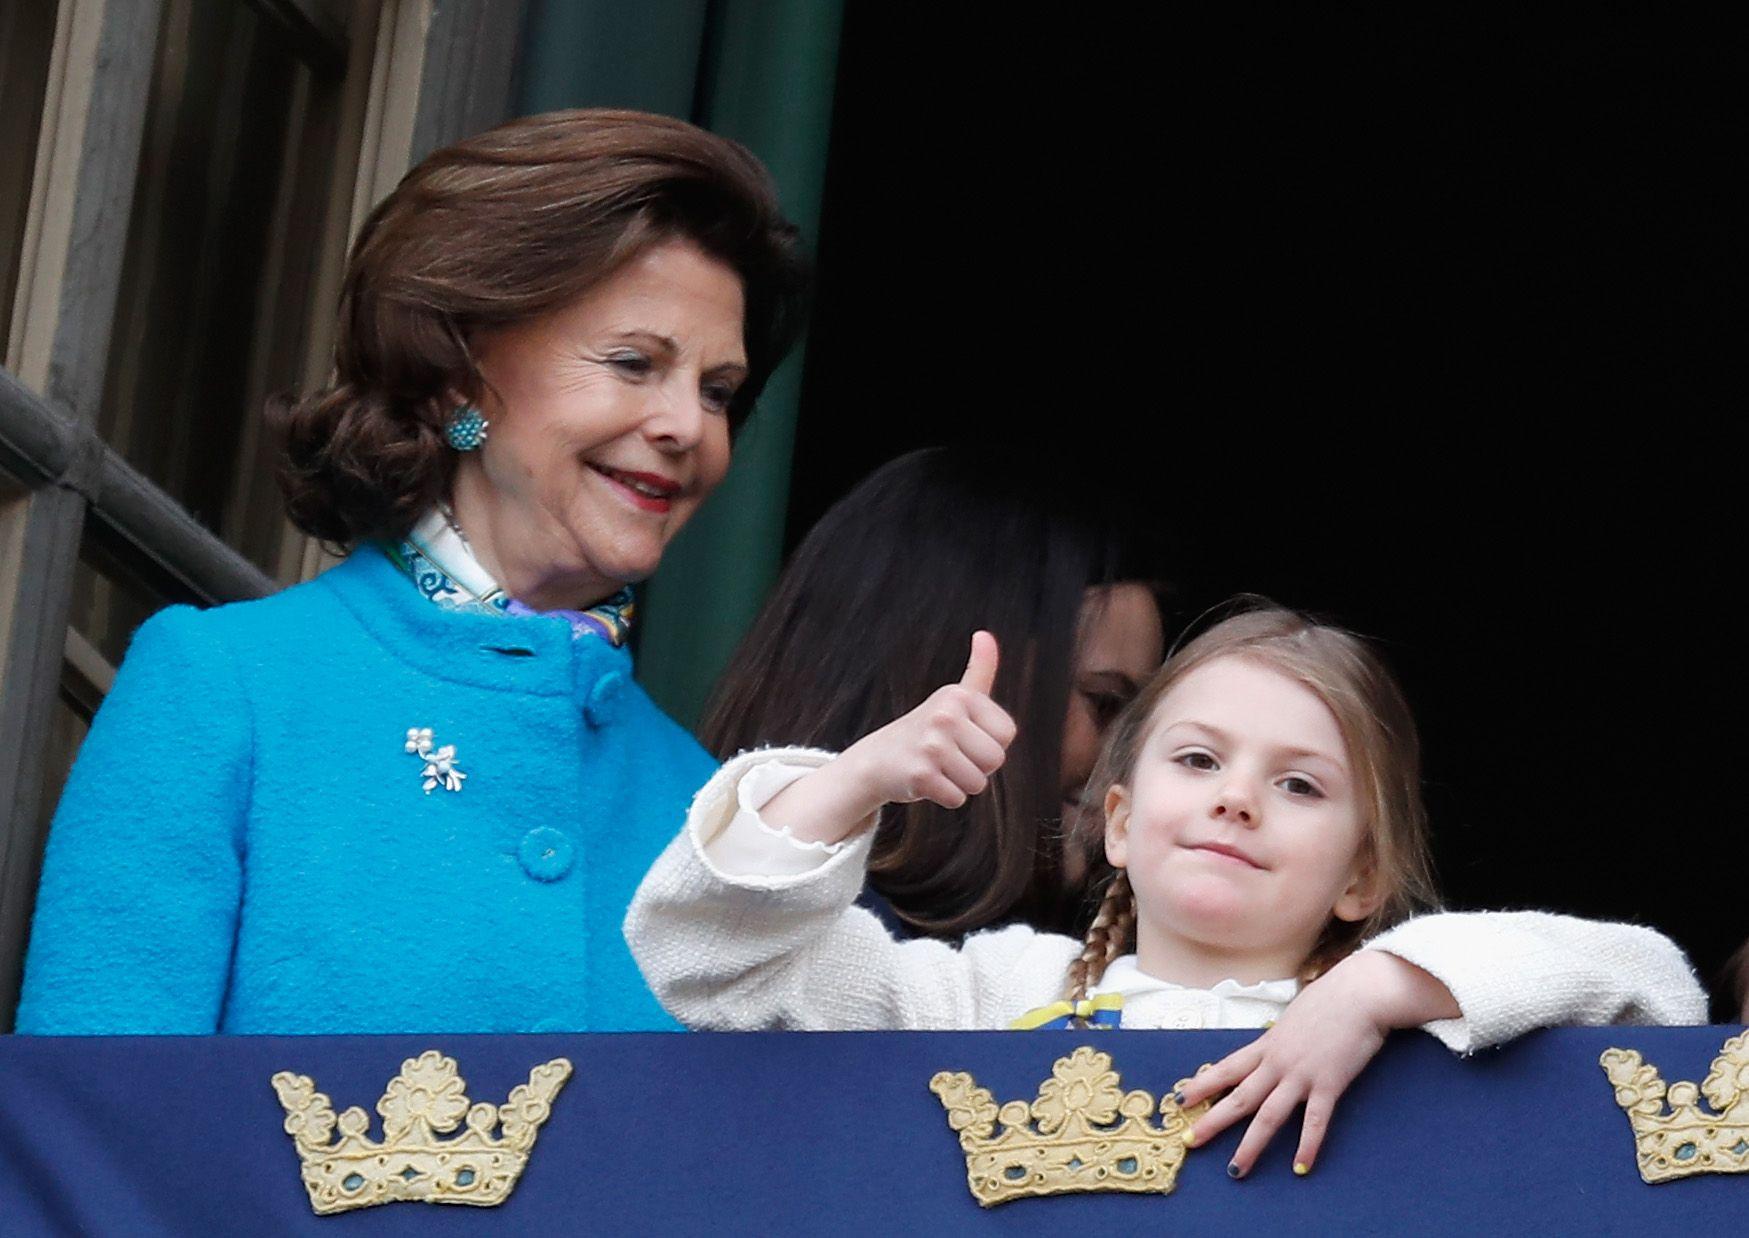 Swedish King's Birthday